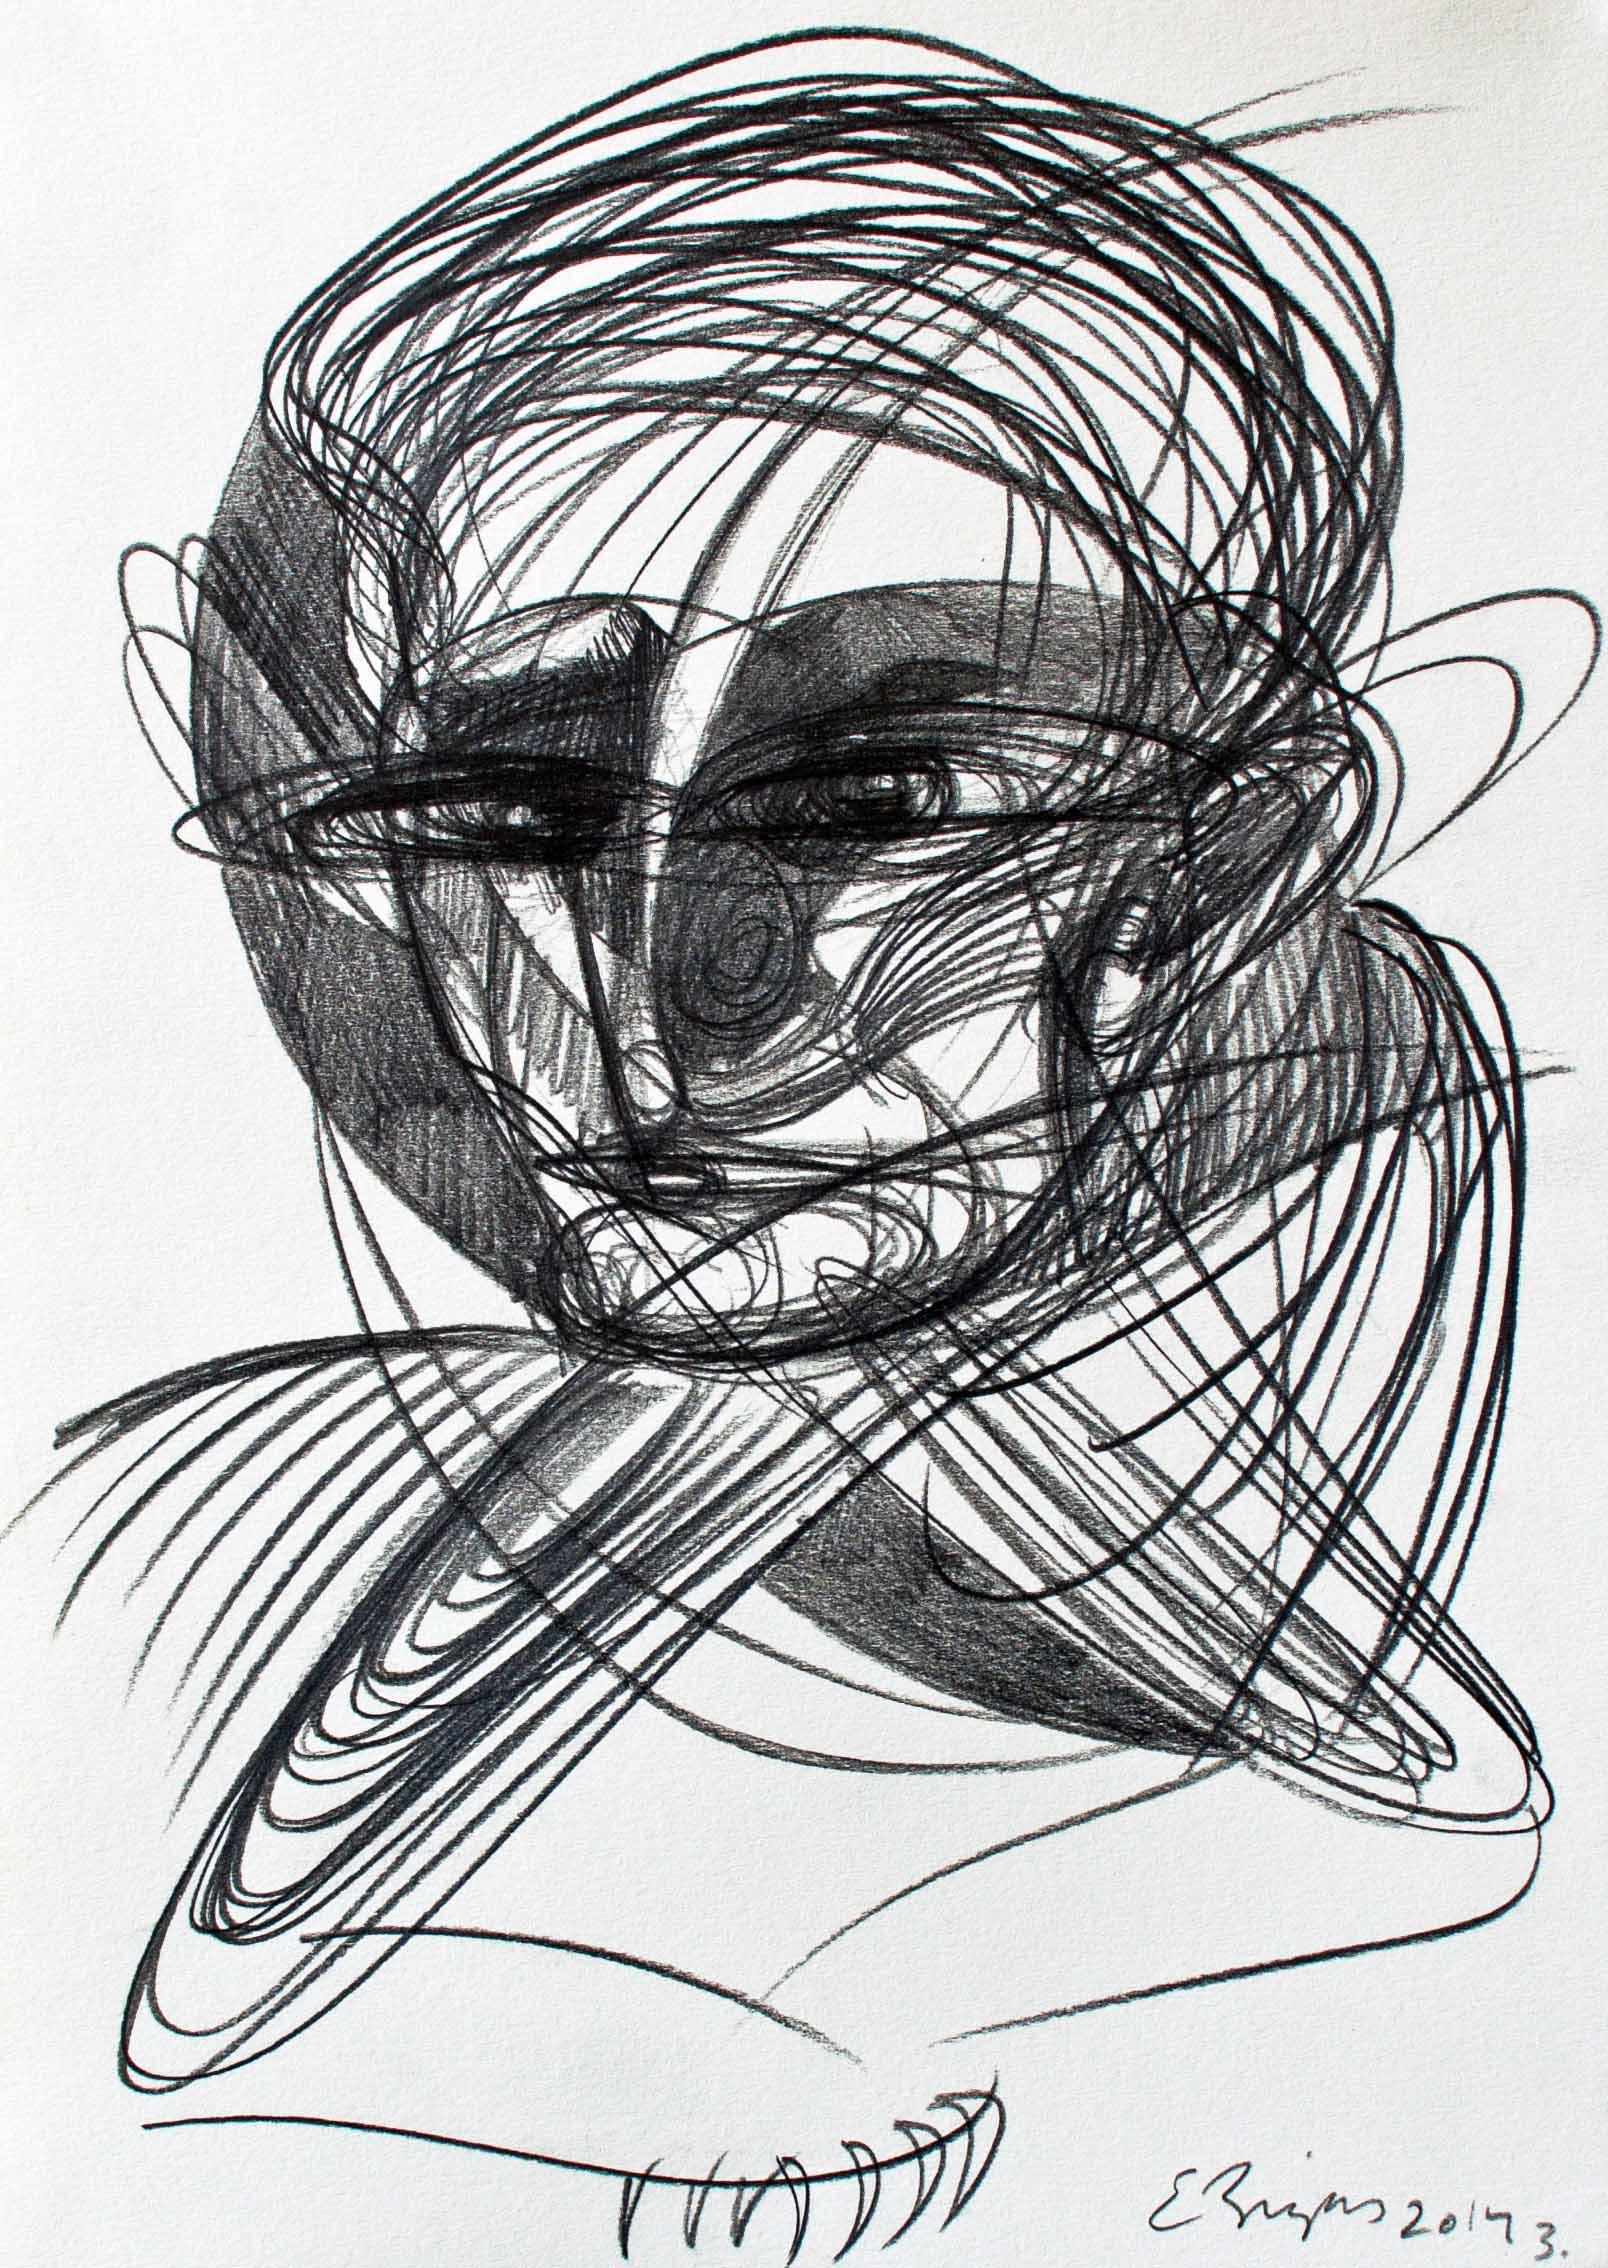 Personatge 2014 21x30cm.  Graphite pencil on paper